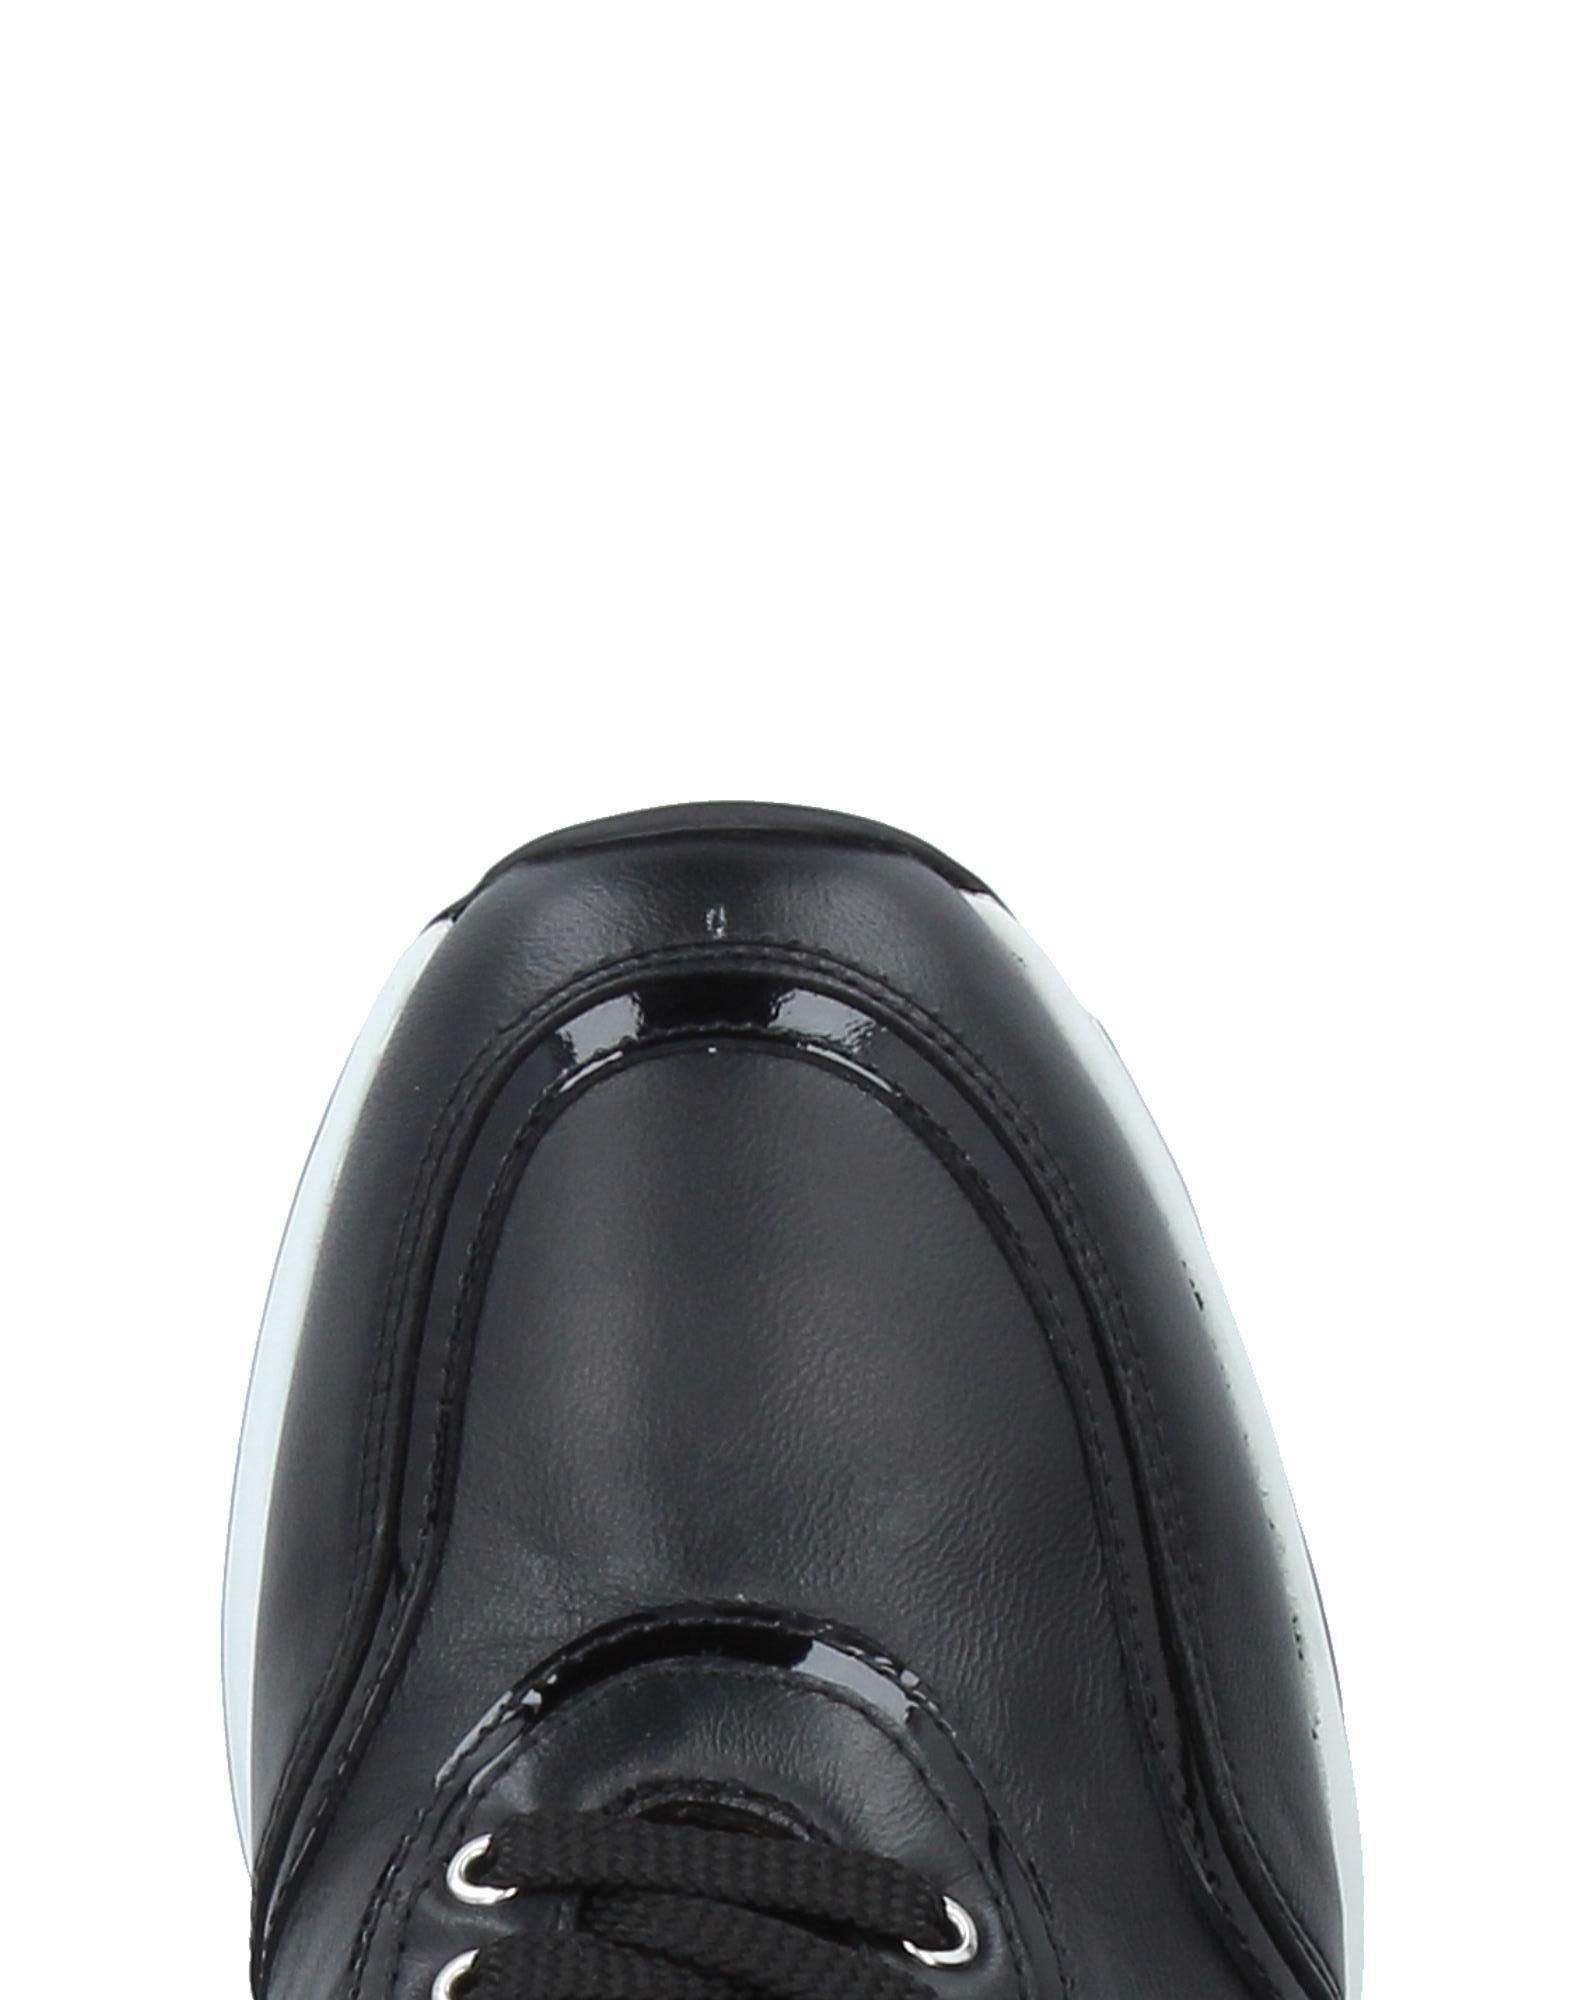 Cesare Paciotti 4Us Sneakers 11386840AB Damen  11386840AB Sneakers Neue Schuhe fb24df